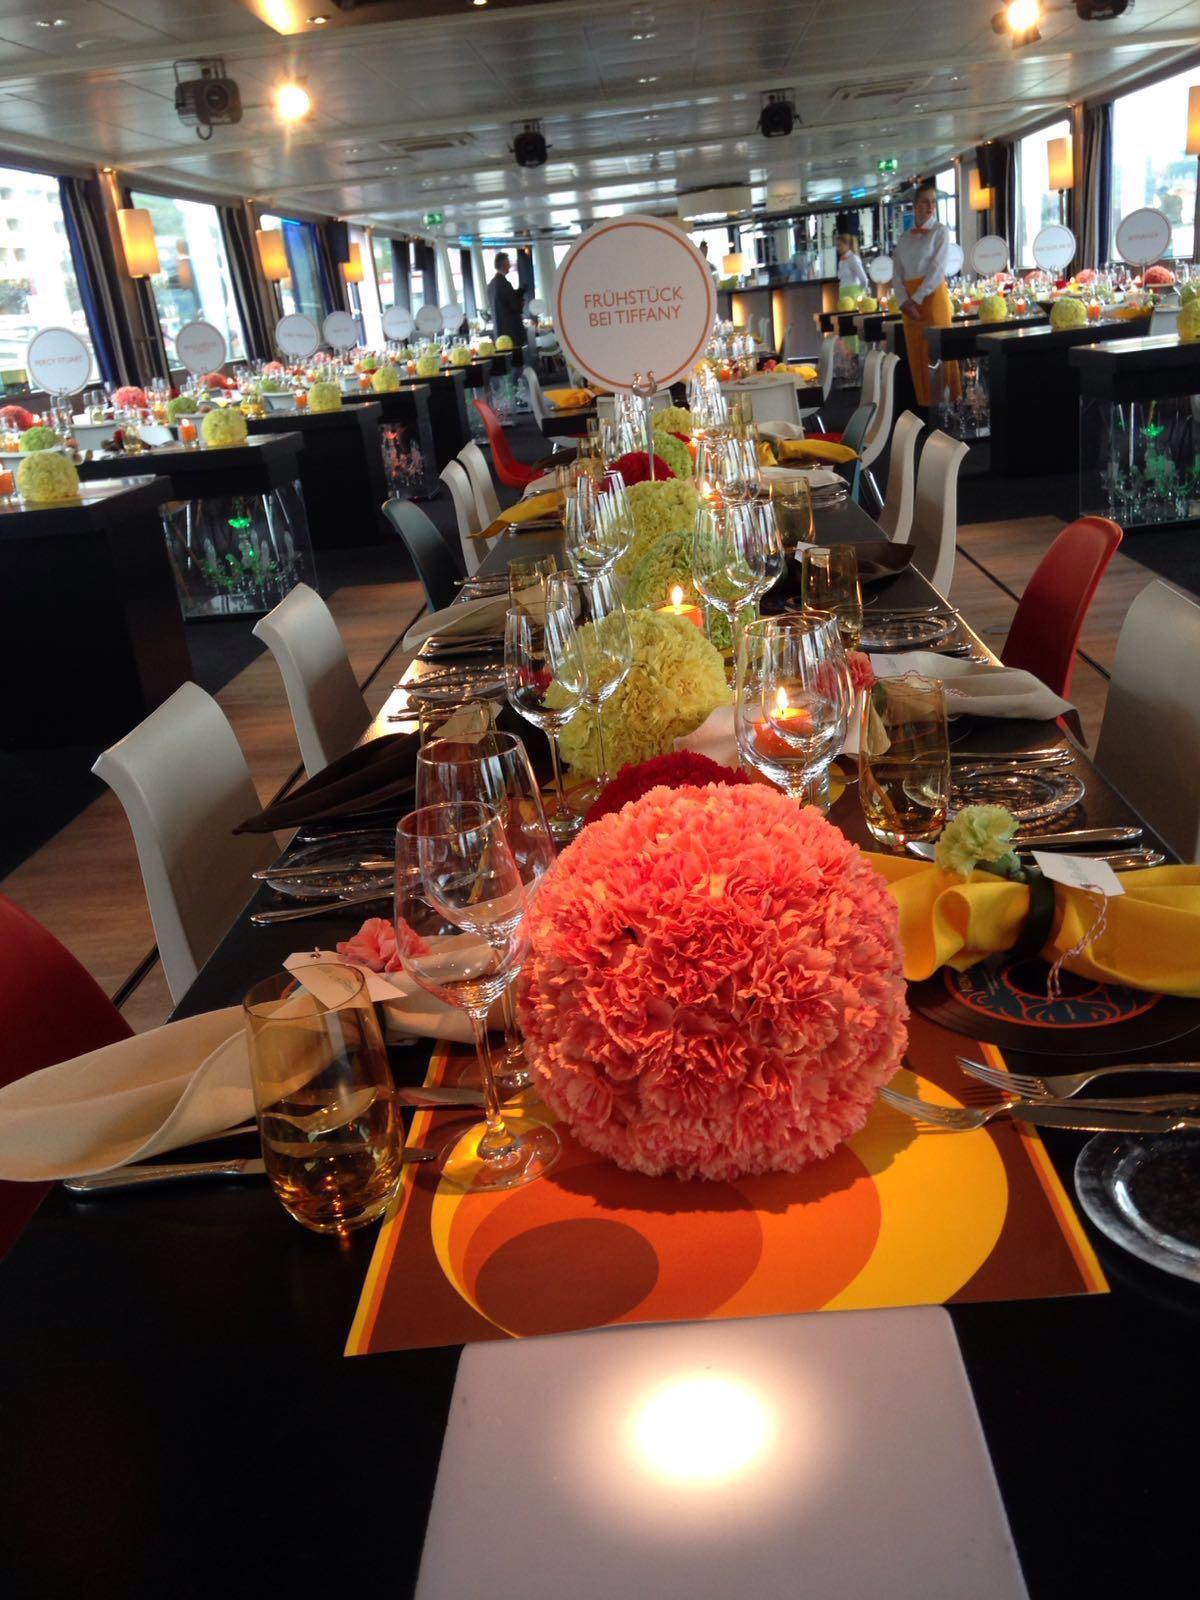 Exclusief verjaardagsfeest (themafeest) op partyschip Jules Verne